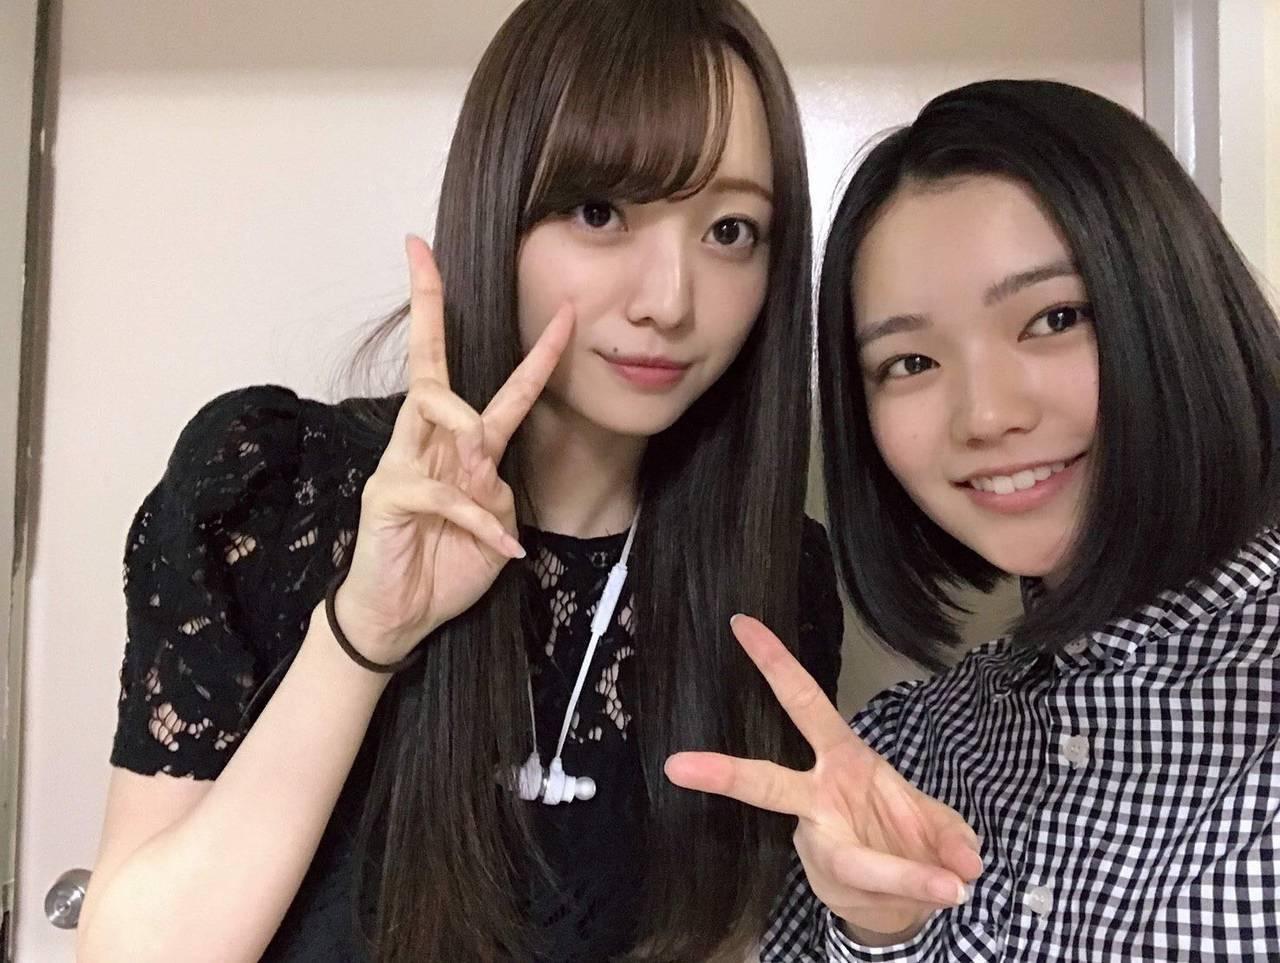 ドラマ「ザンビ」出演の美少女が話題!